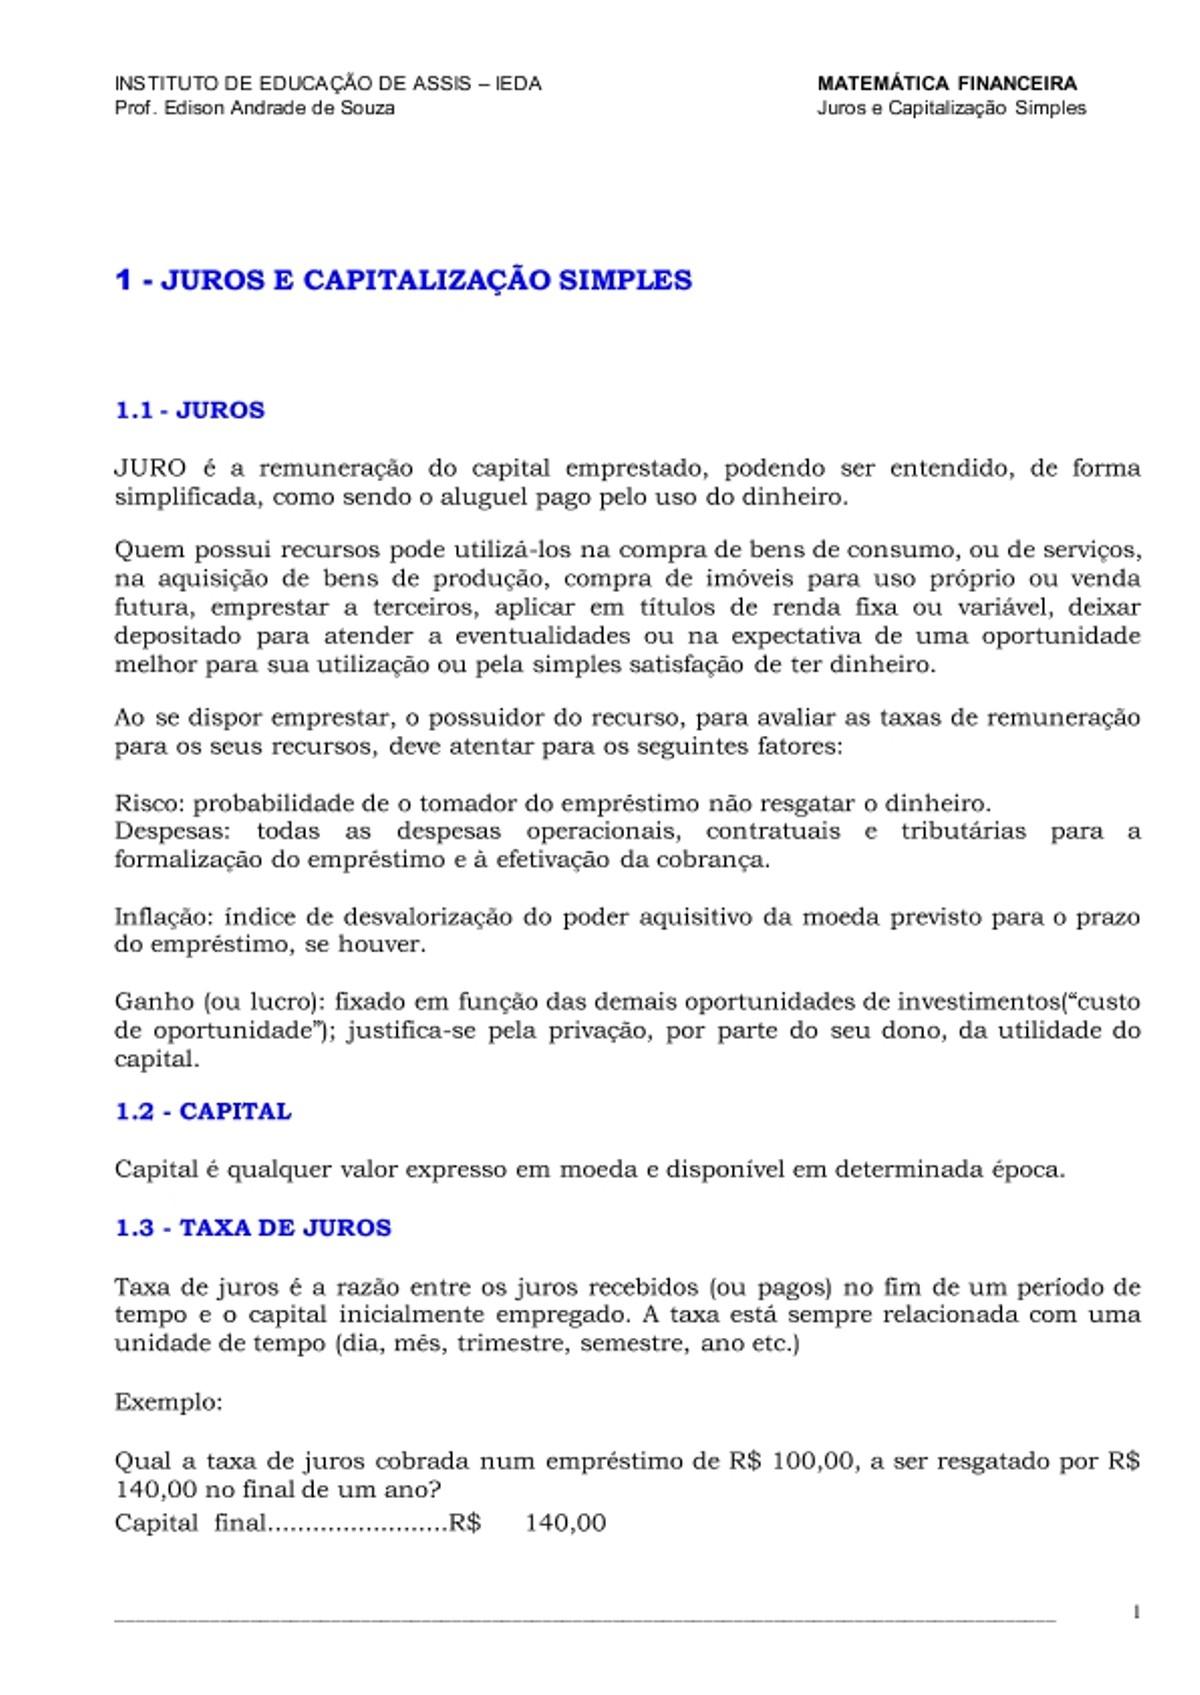 Pre-visualização do material Apostila Matematica Financeira - página 1